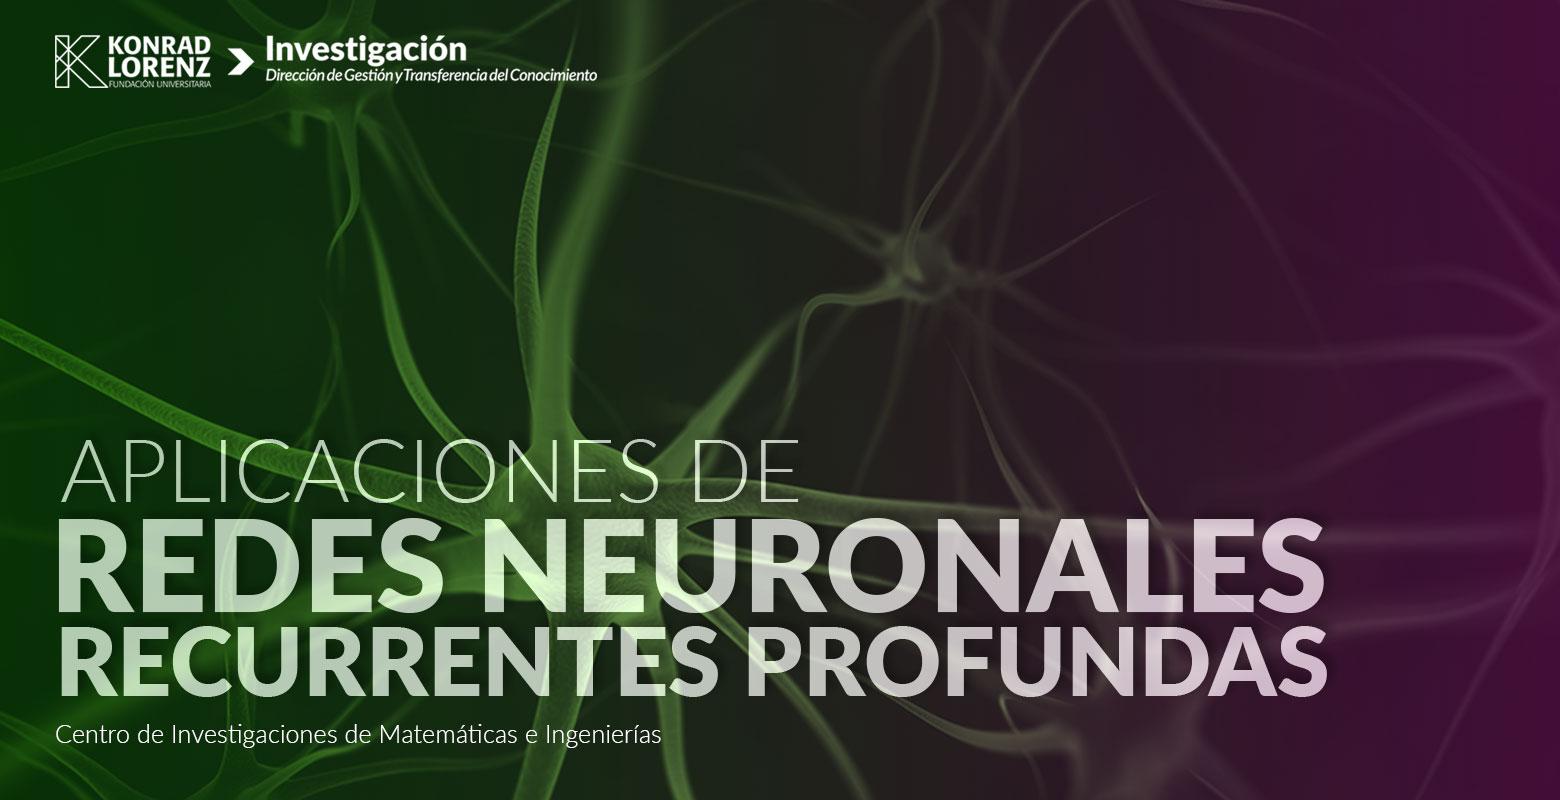 Aplicaciones de Redes Neuronales Recurrentes Profundas